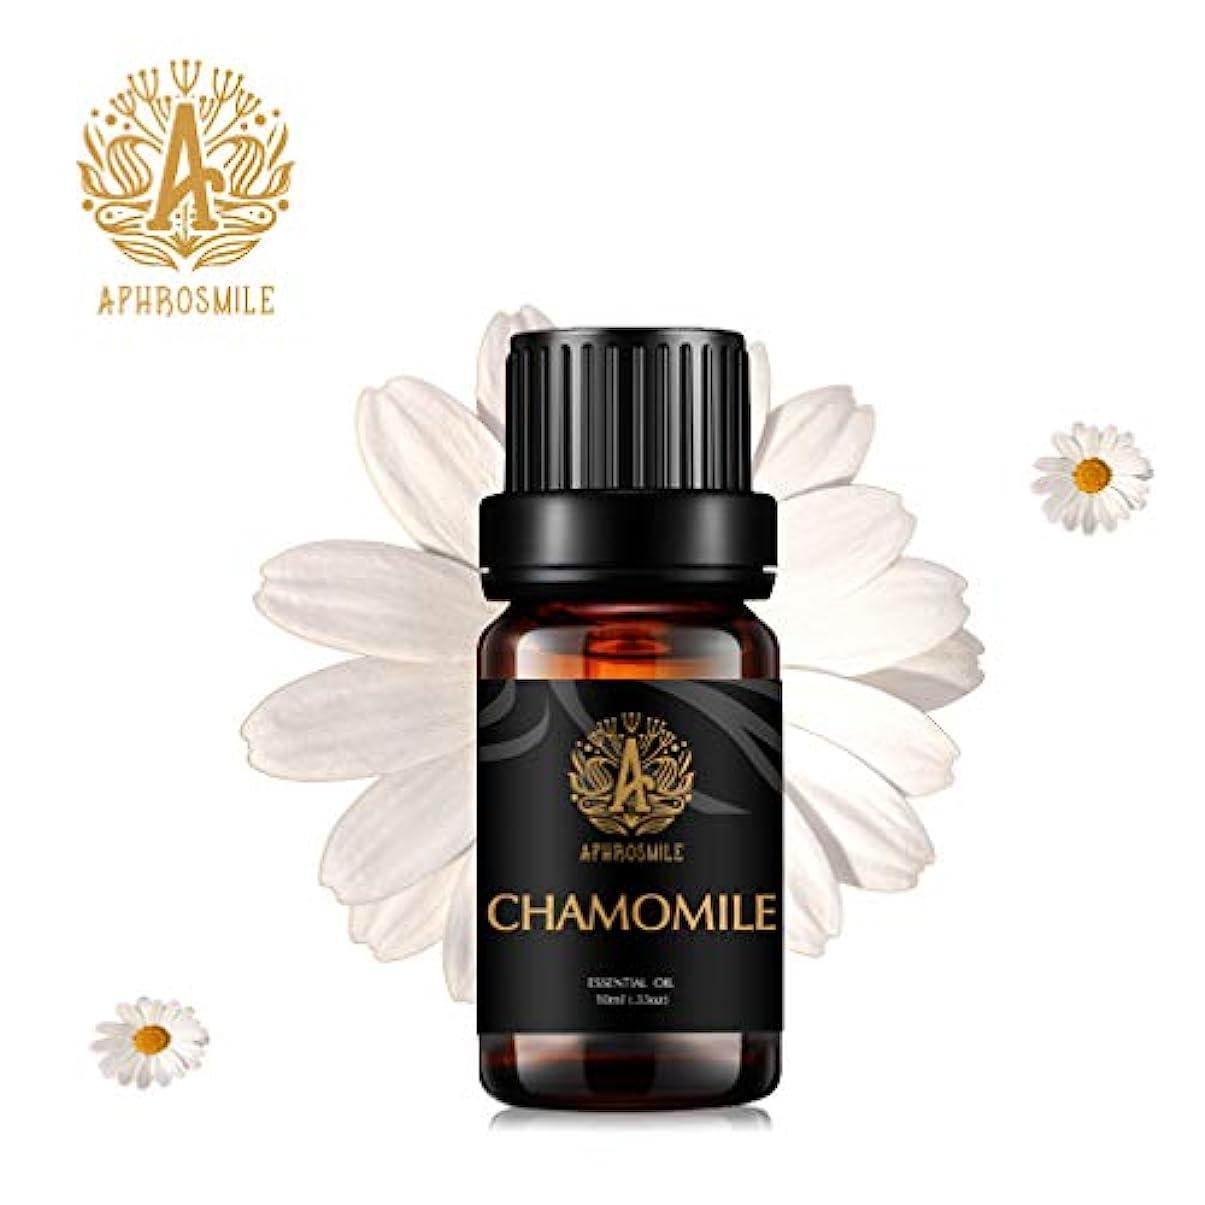 販売員すべてネブカモミールエッセンシャルオイル、100%純粋なアロマセラピーエッセンシャルオイルカモミールの香り、不安を和らげます、治療上の等級の精油のカモミールの芳香のために拡散器、マッサージ、加湿器、毎日の心配、0.33オンス-10ml